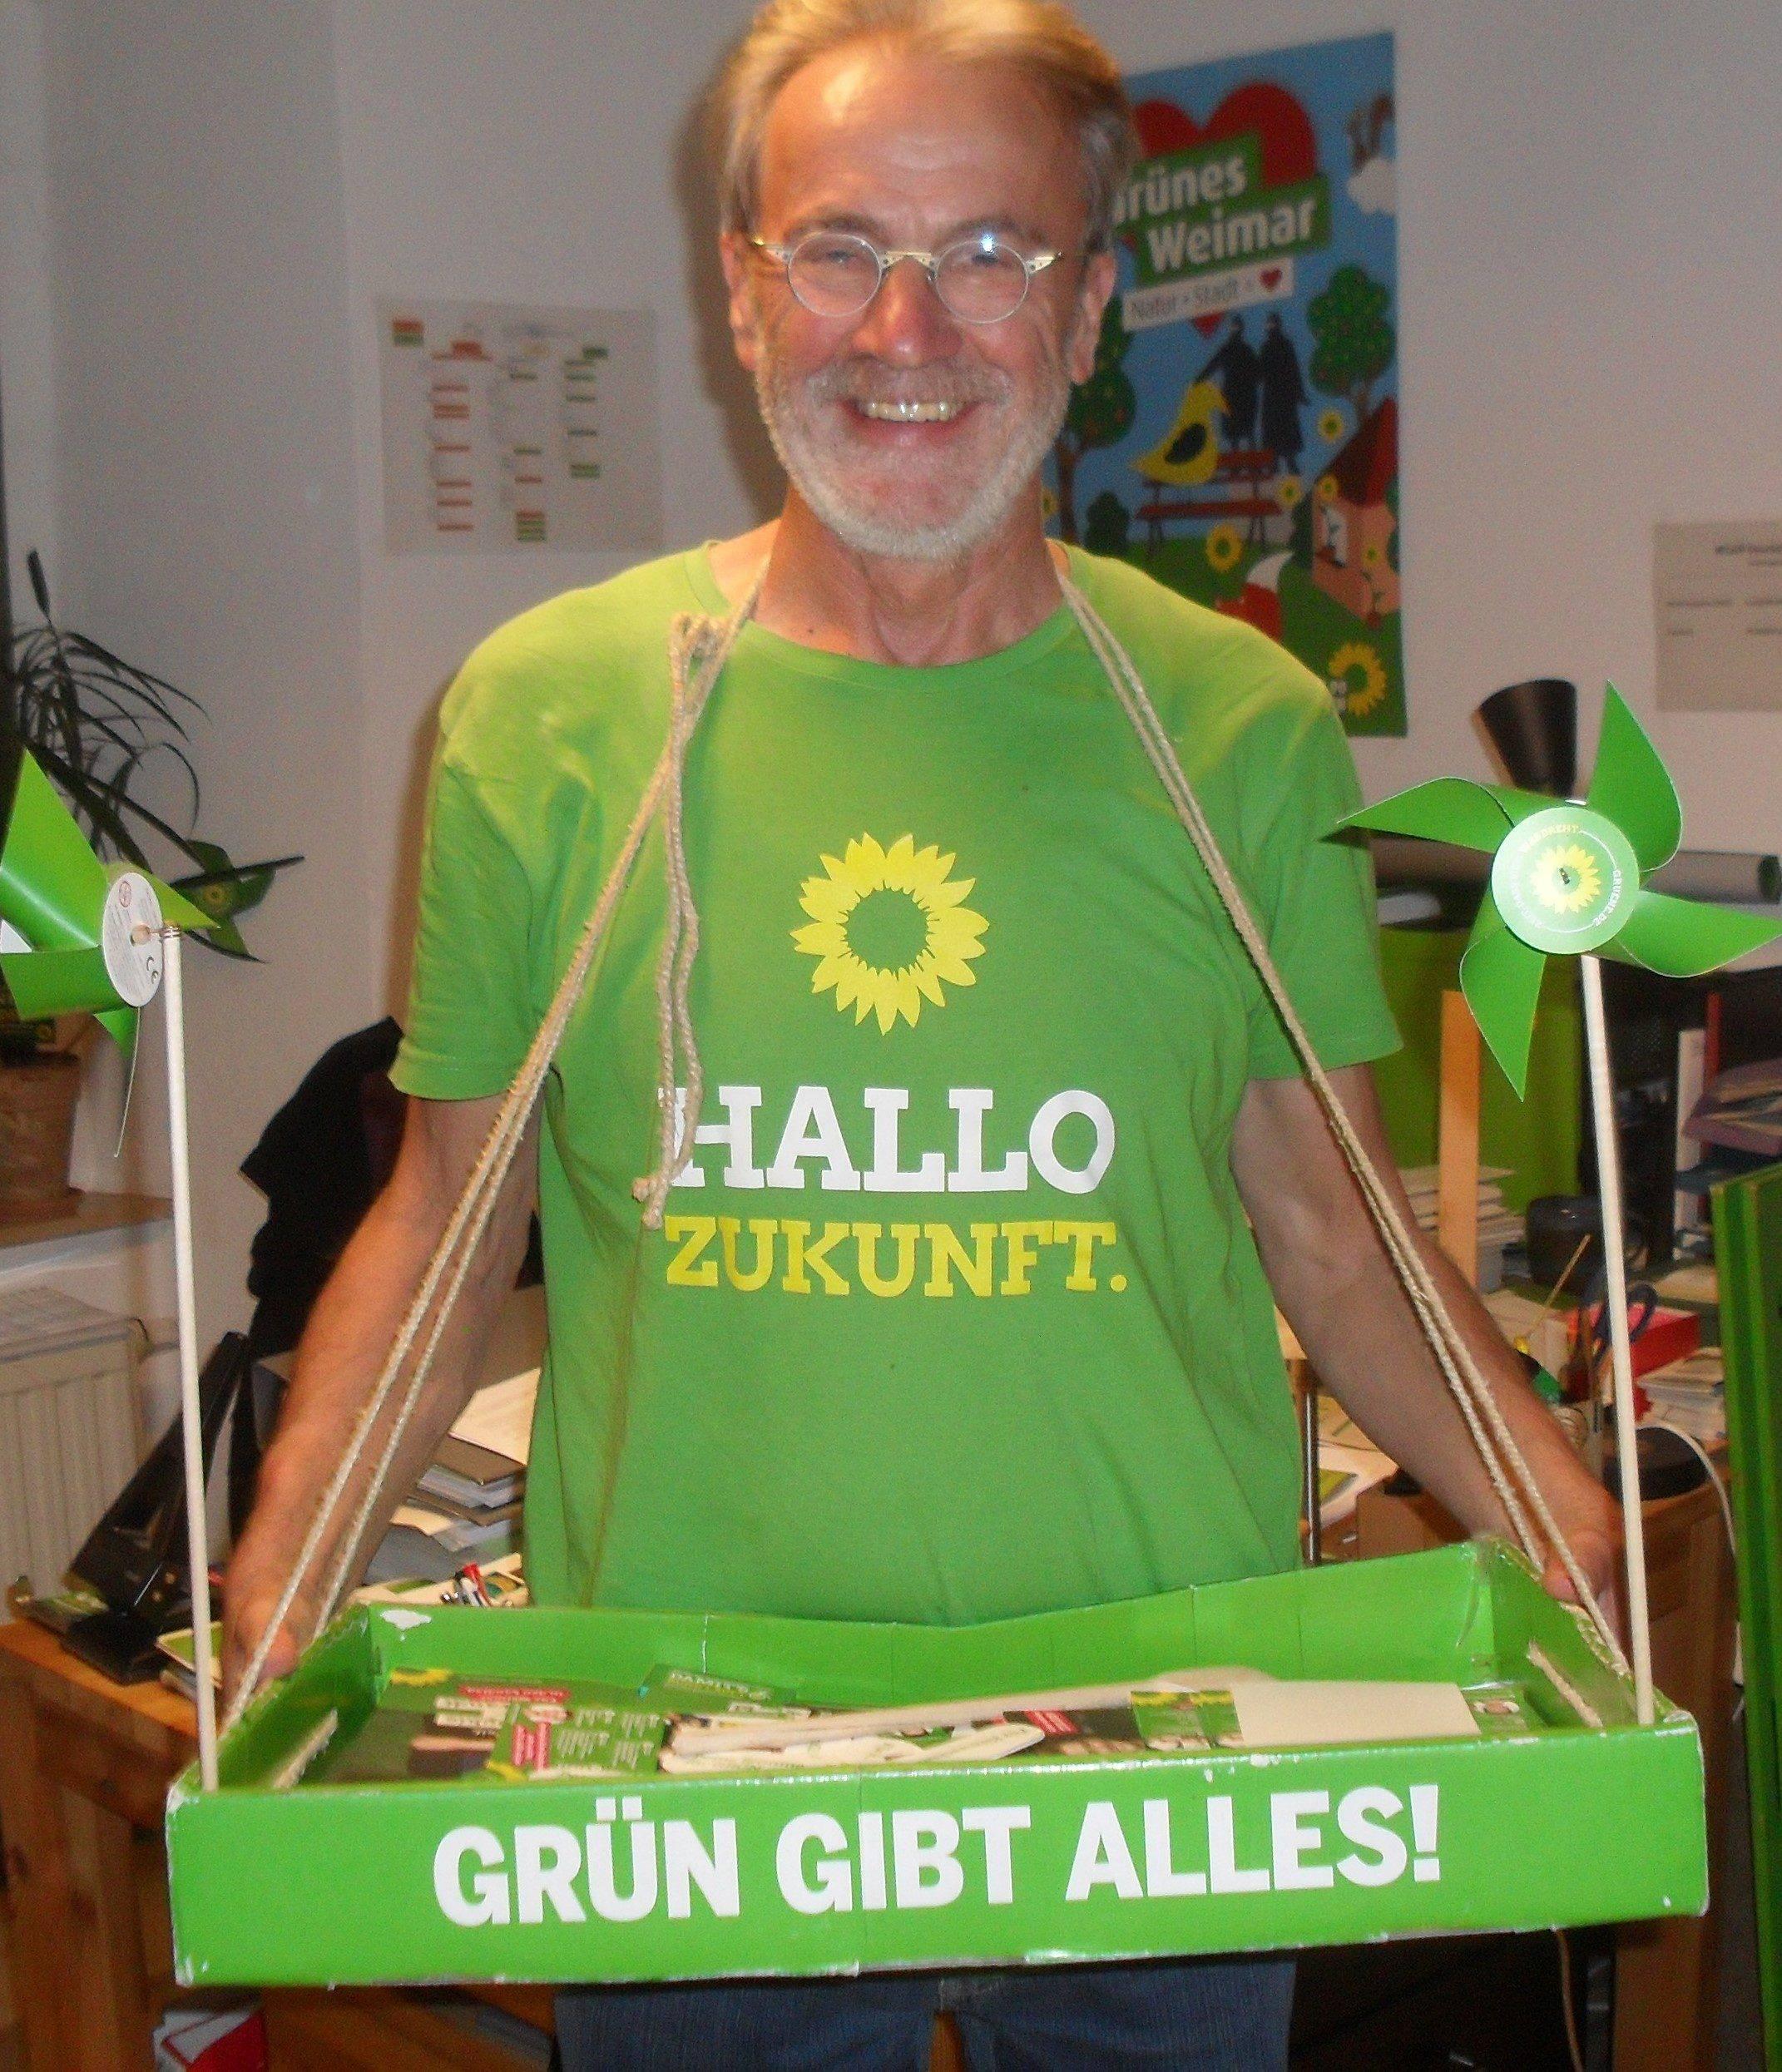 Grün wählen! Für Klimaschutz und Demokratie